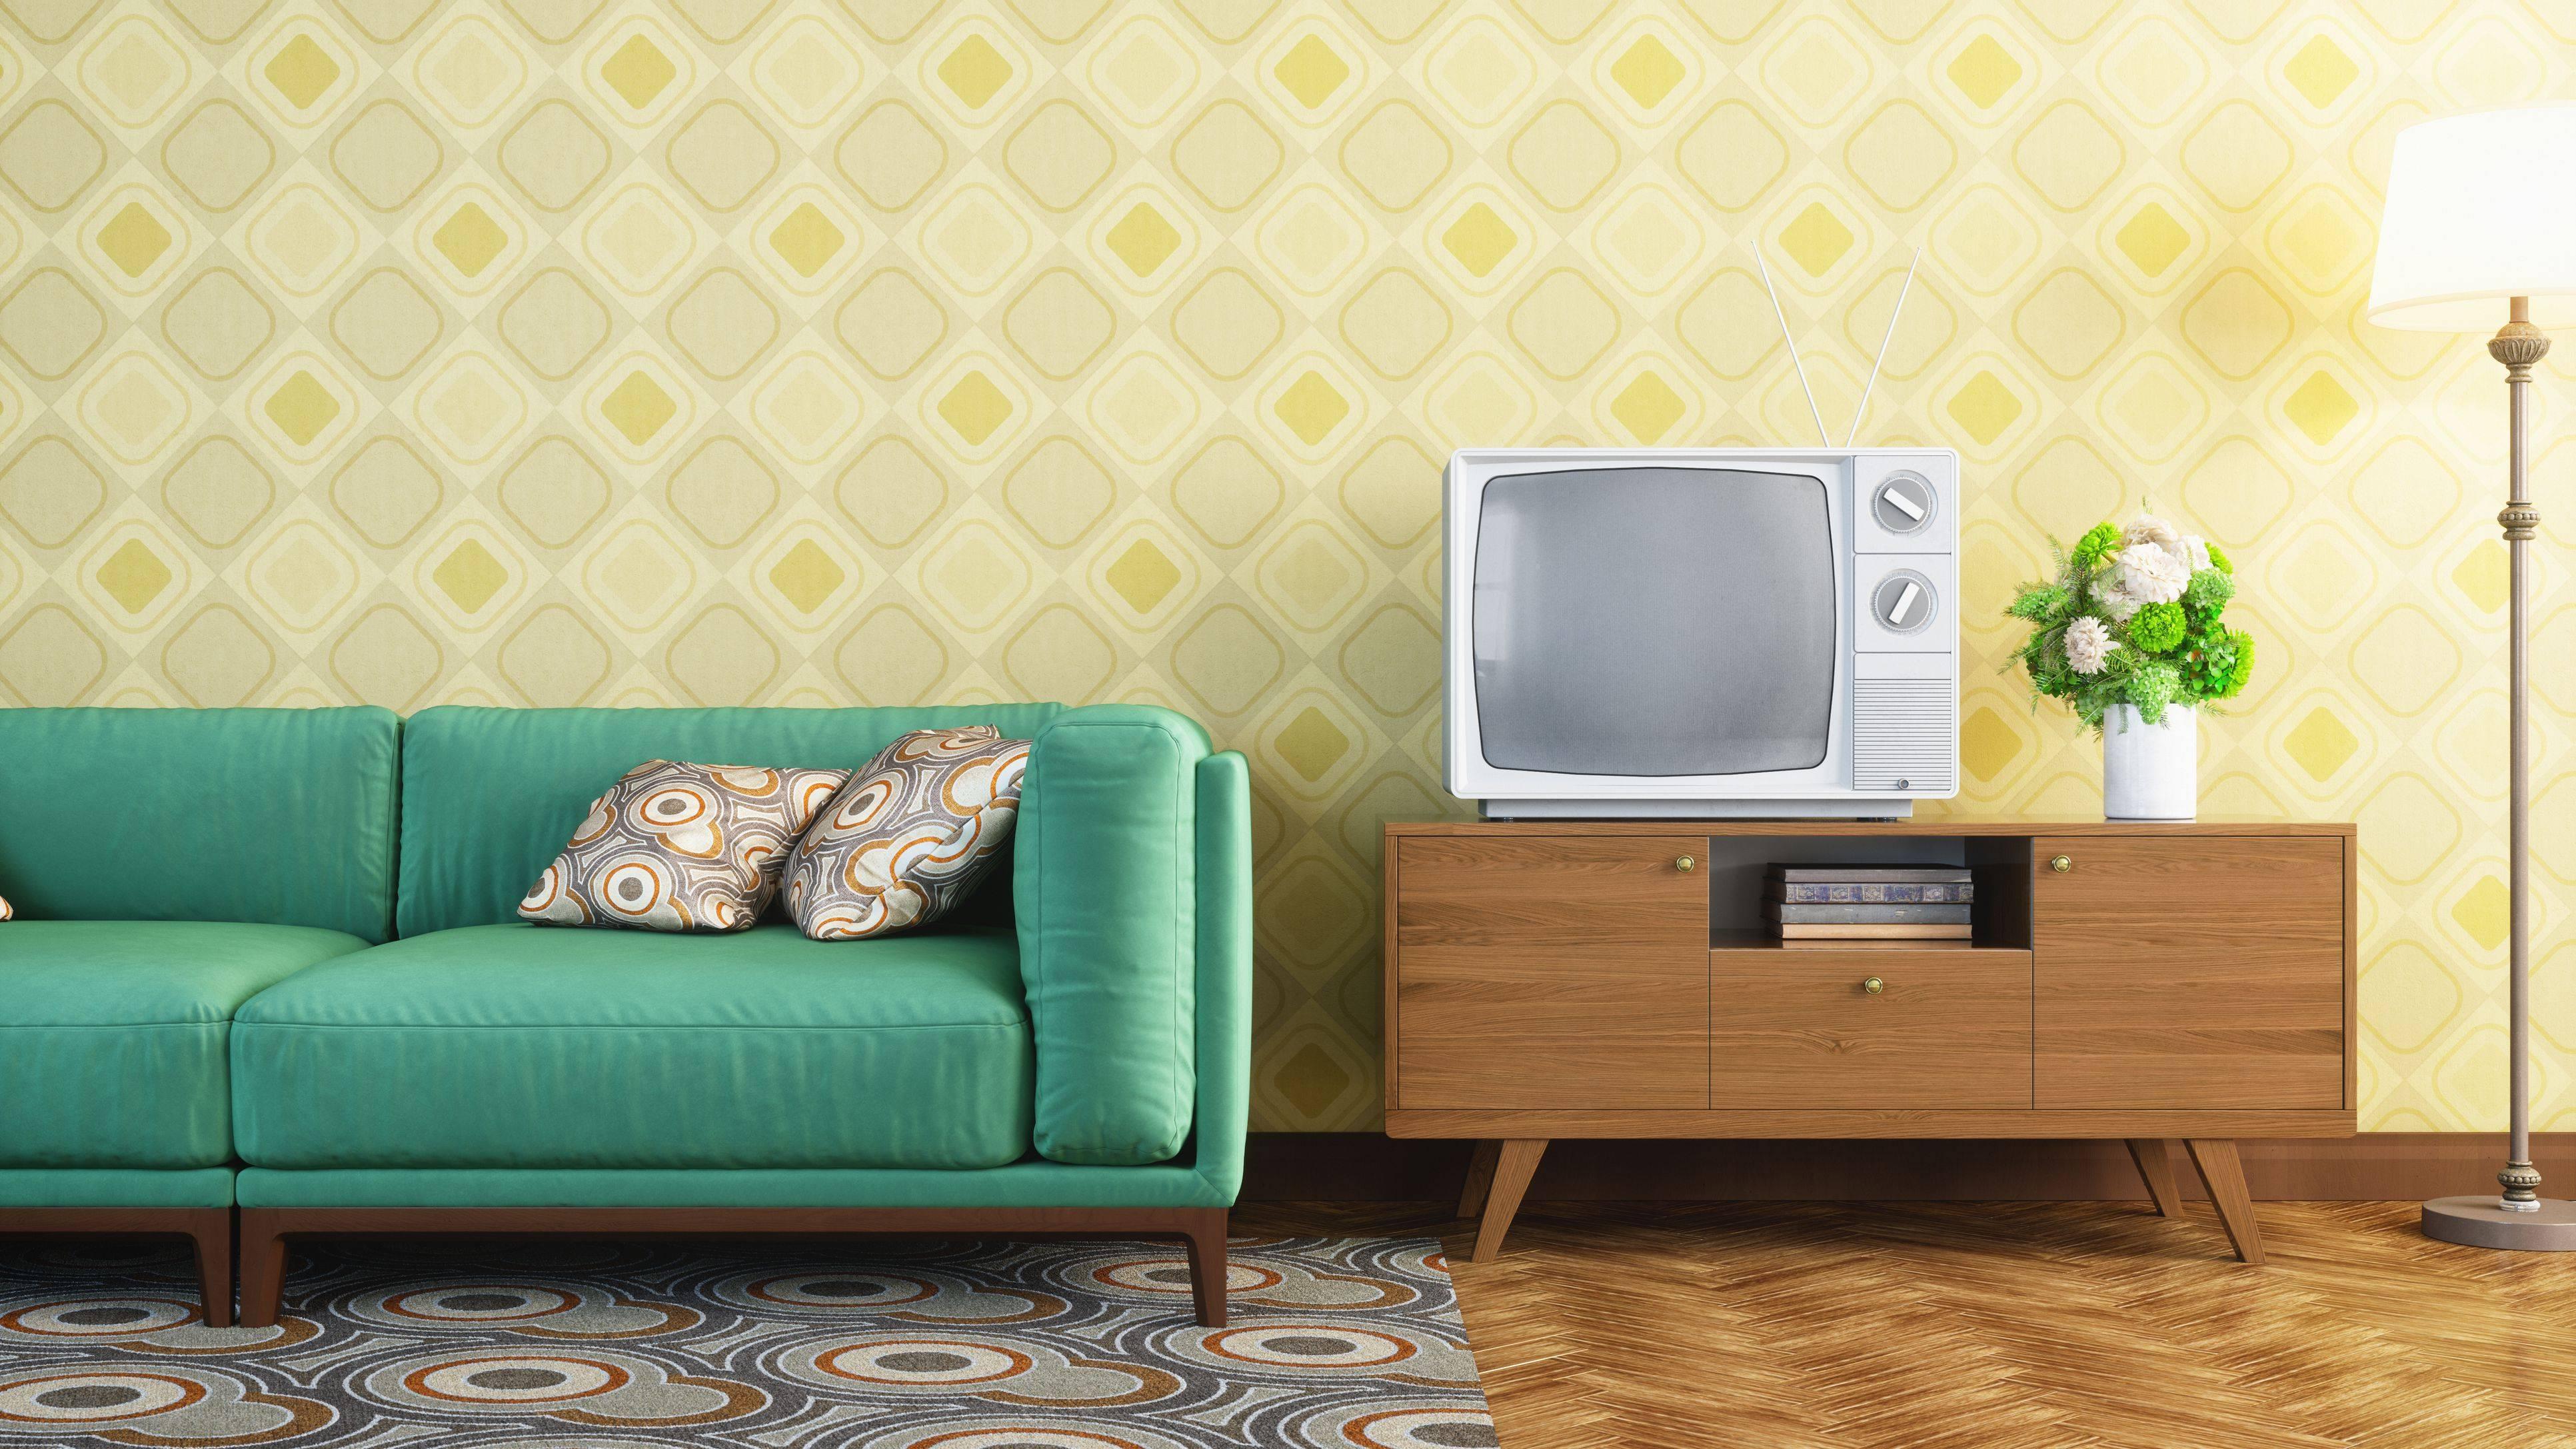 vintage living room interior 5a69fde6eb97de001abe5d85